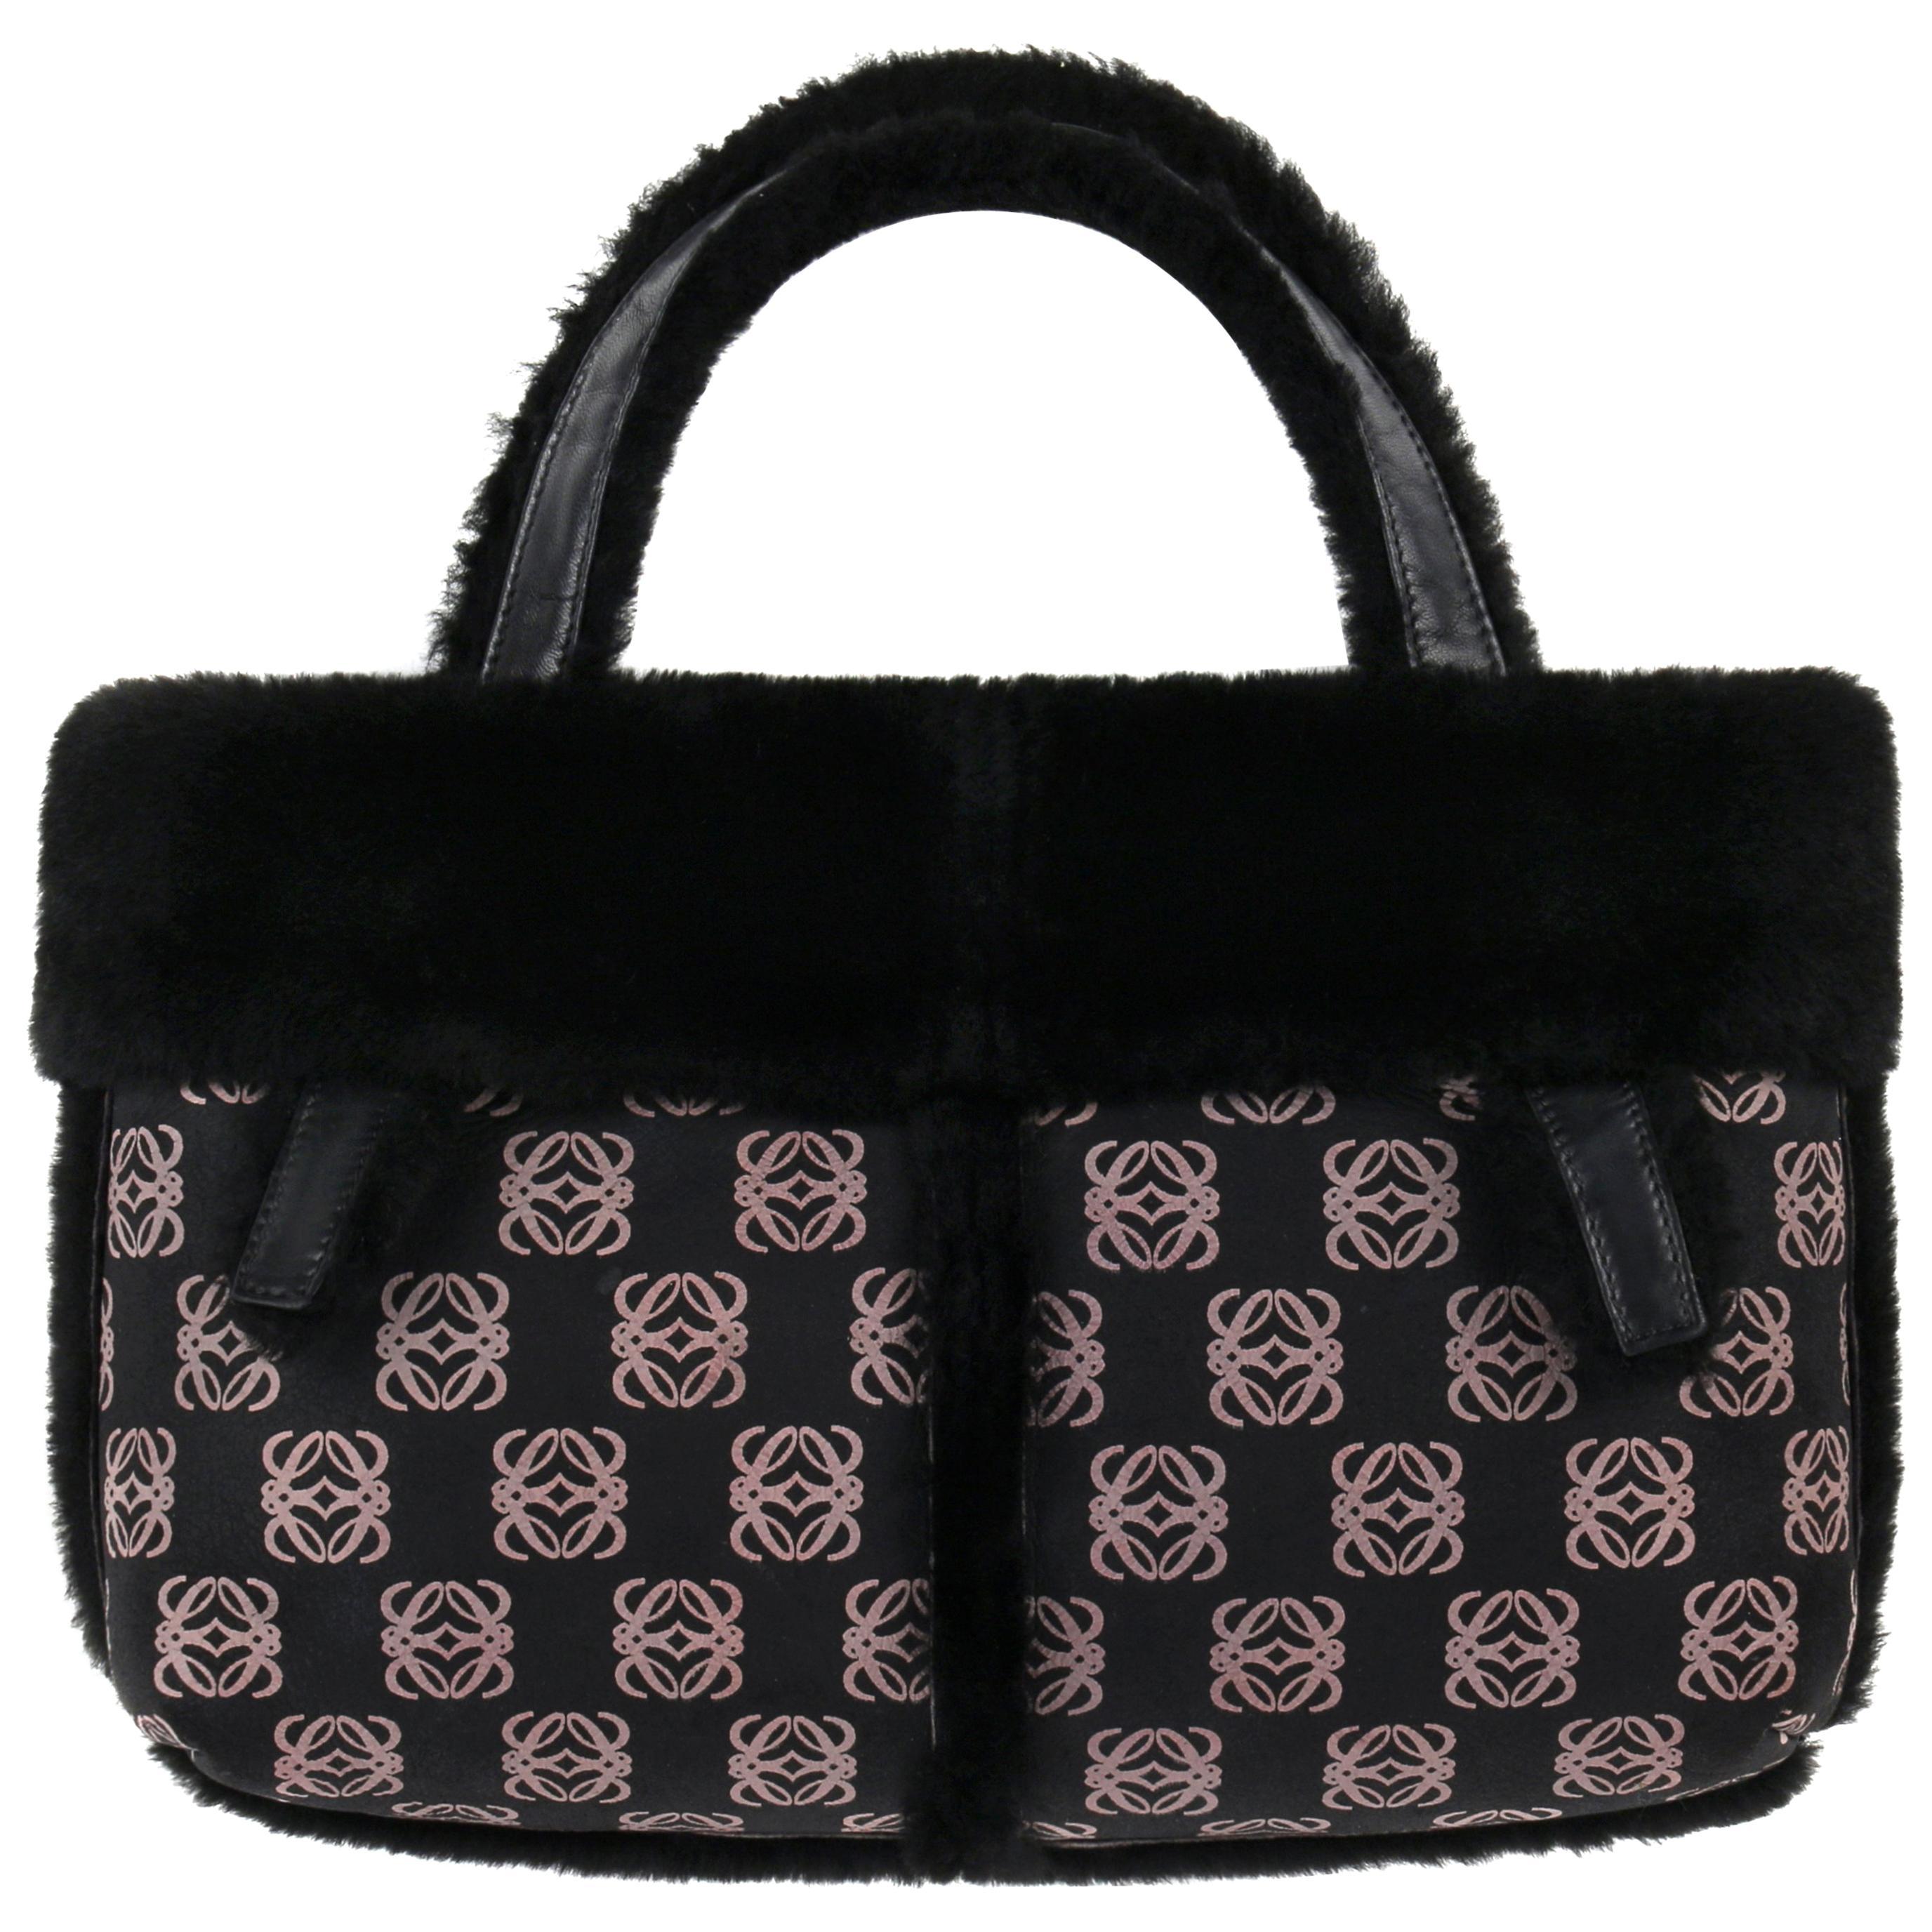 LOEWE Black & Mauve Logo Print Lambskin Shearling Leather Tote Top Handle Bag